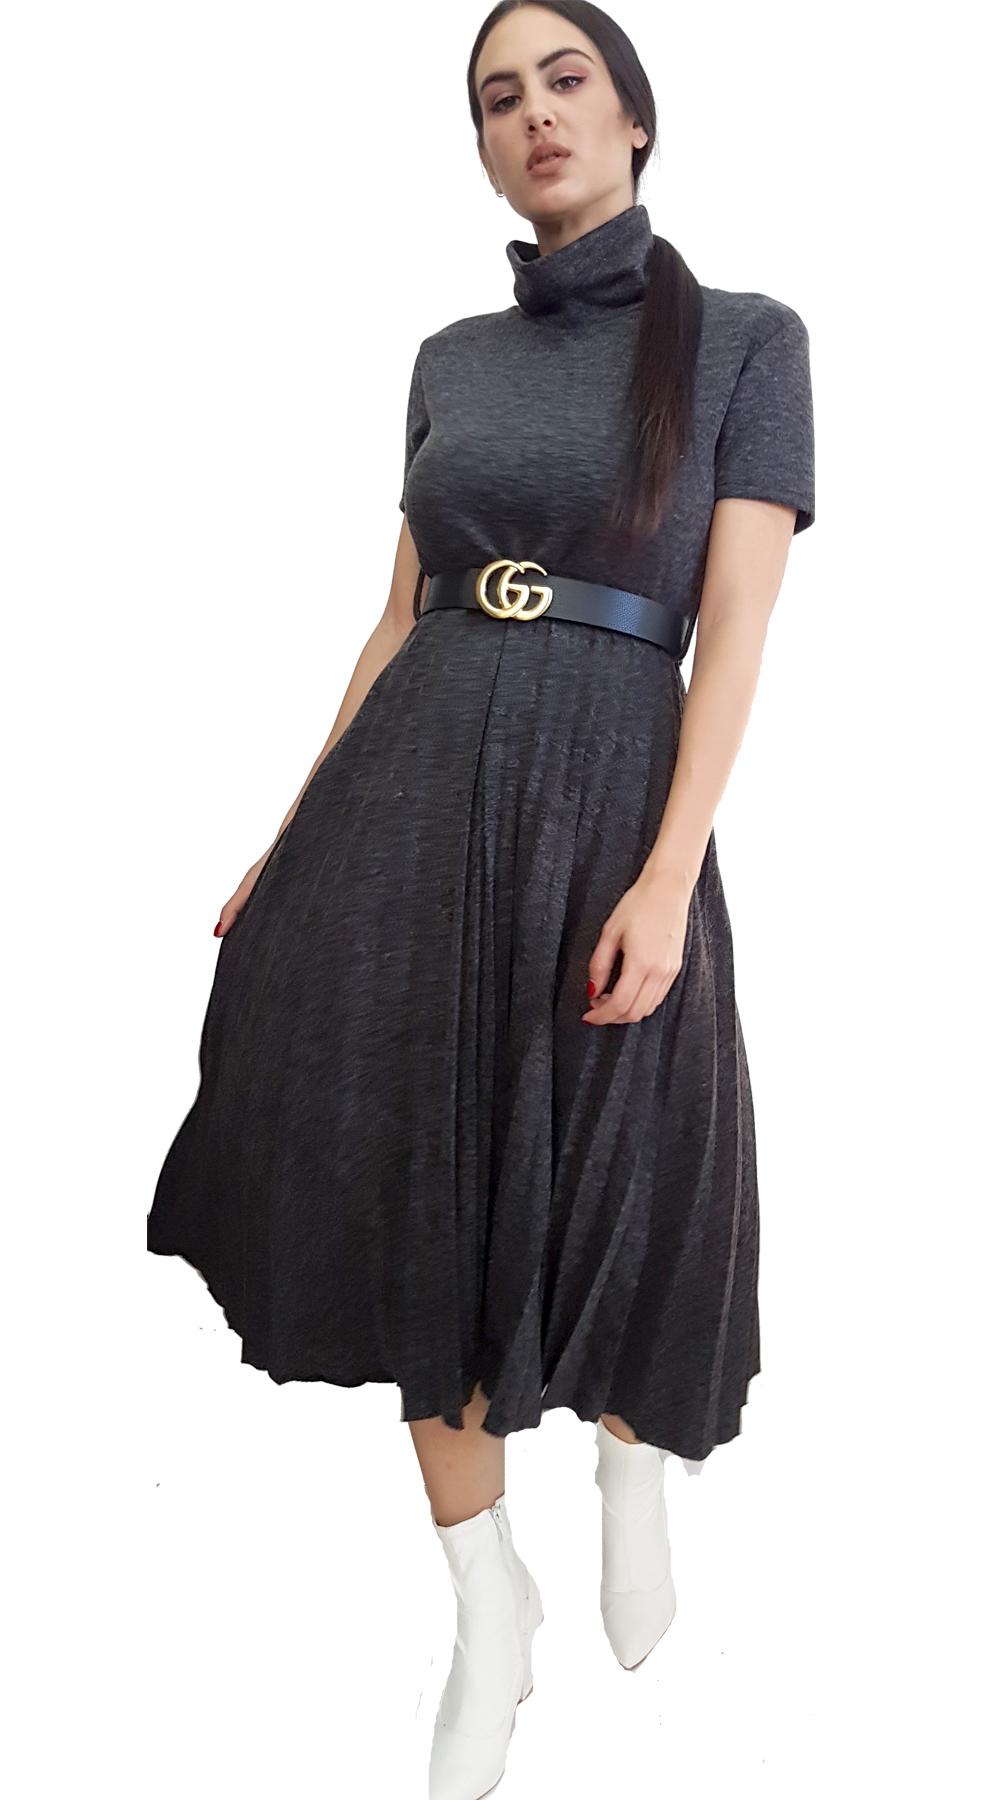 2d12741aa424 Μοχέρ Πλεκτό Πλισέ Μίντι Φόρεμα με Ζώνη